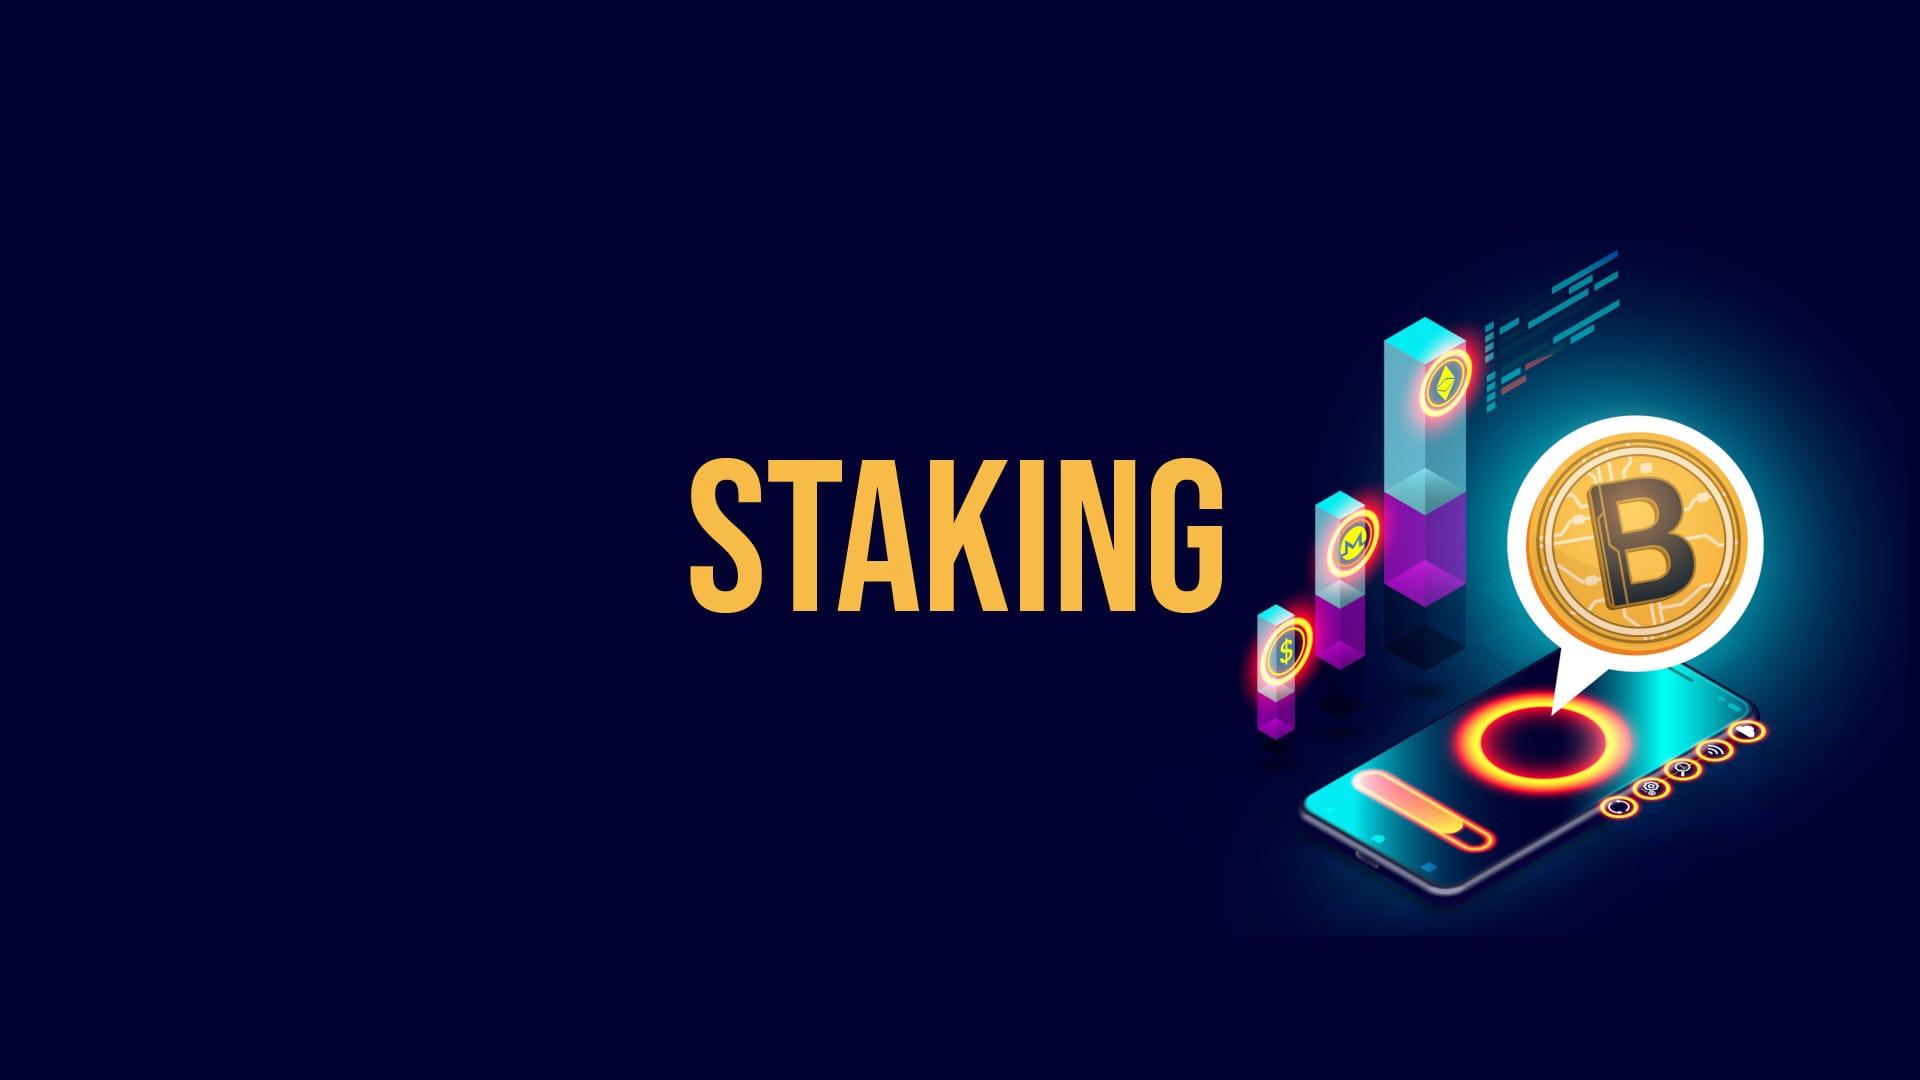 Qué es Staking definición